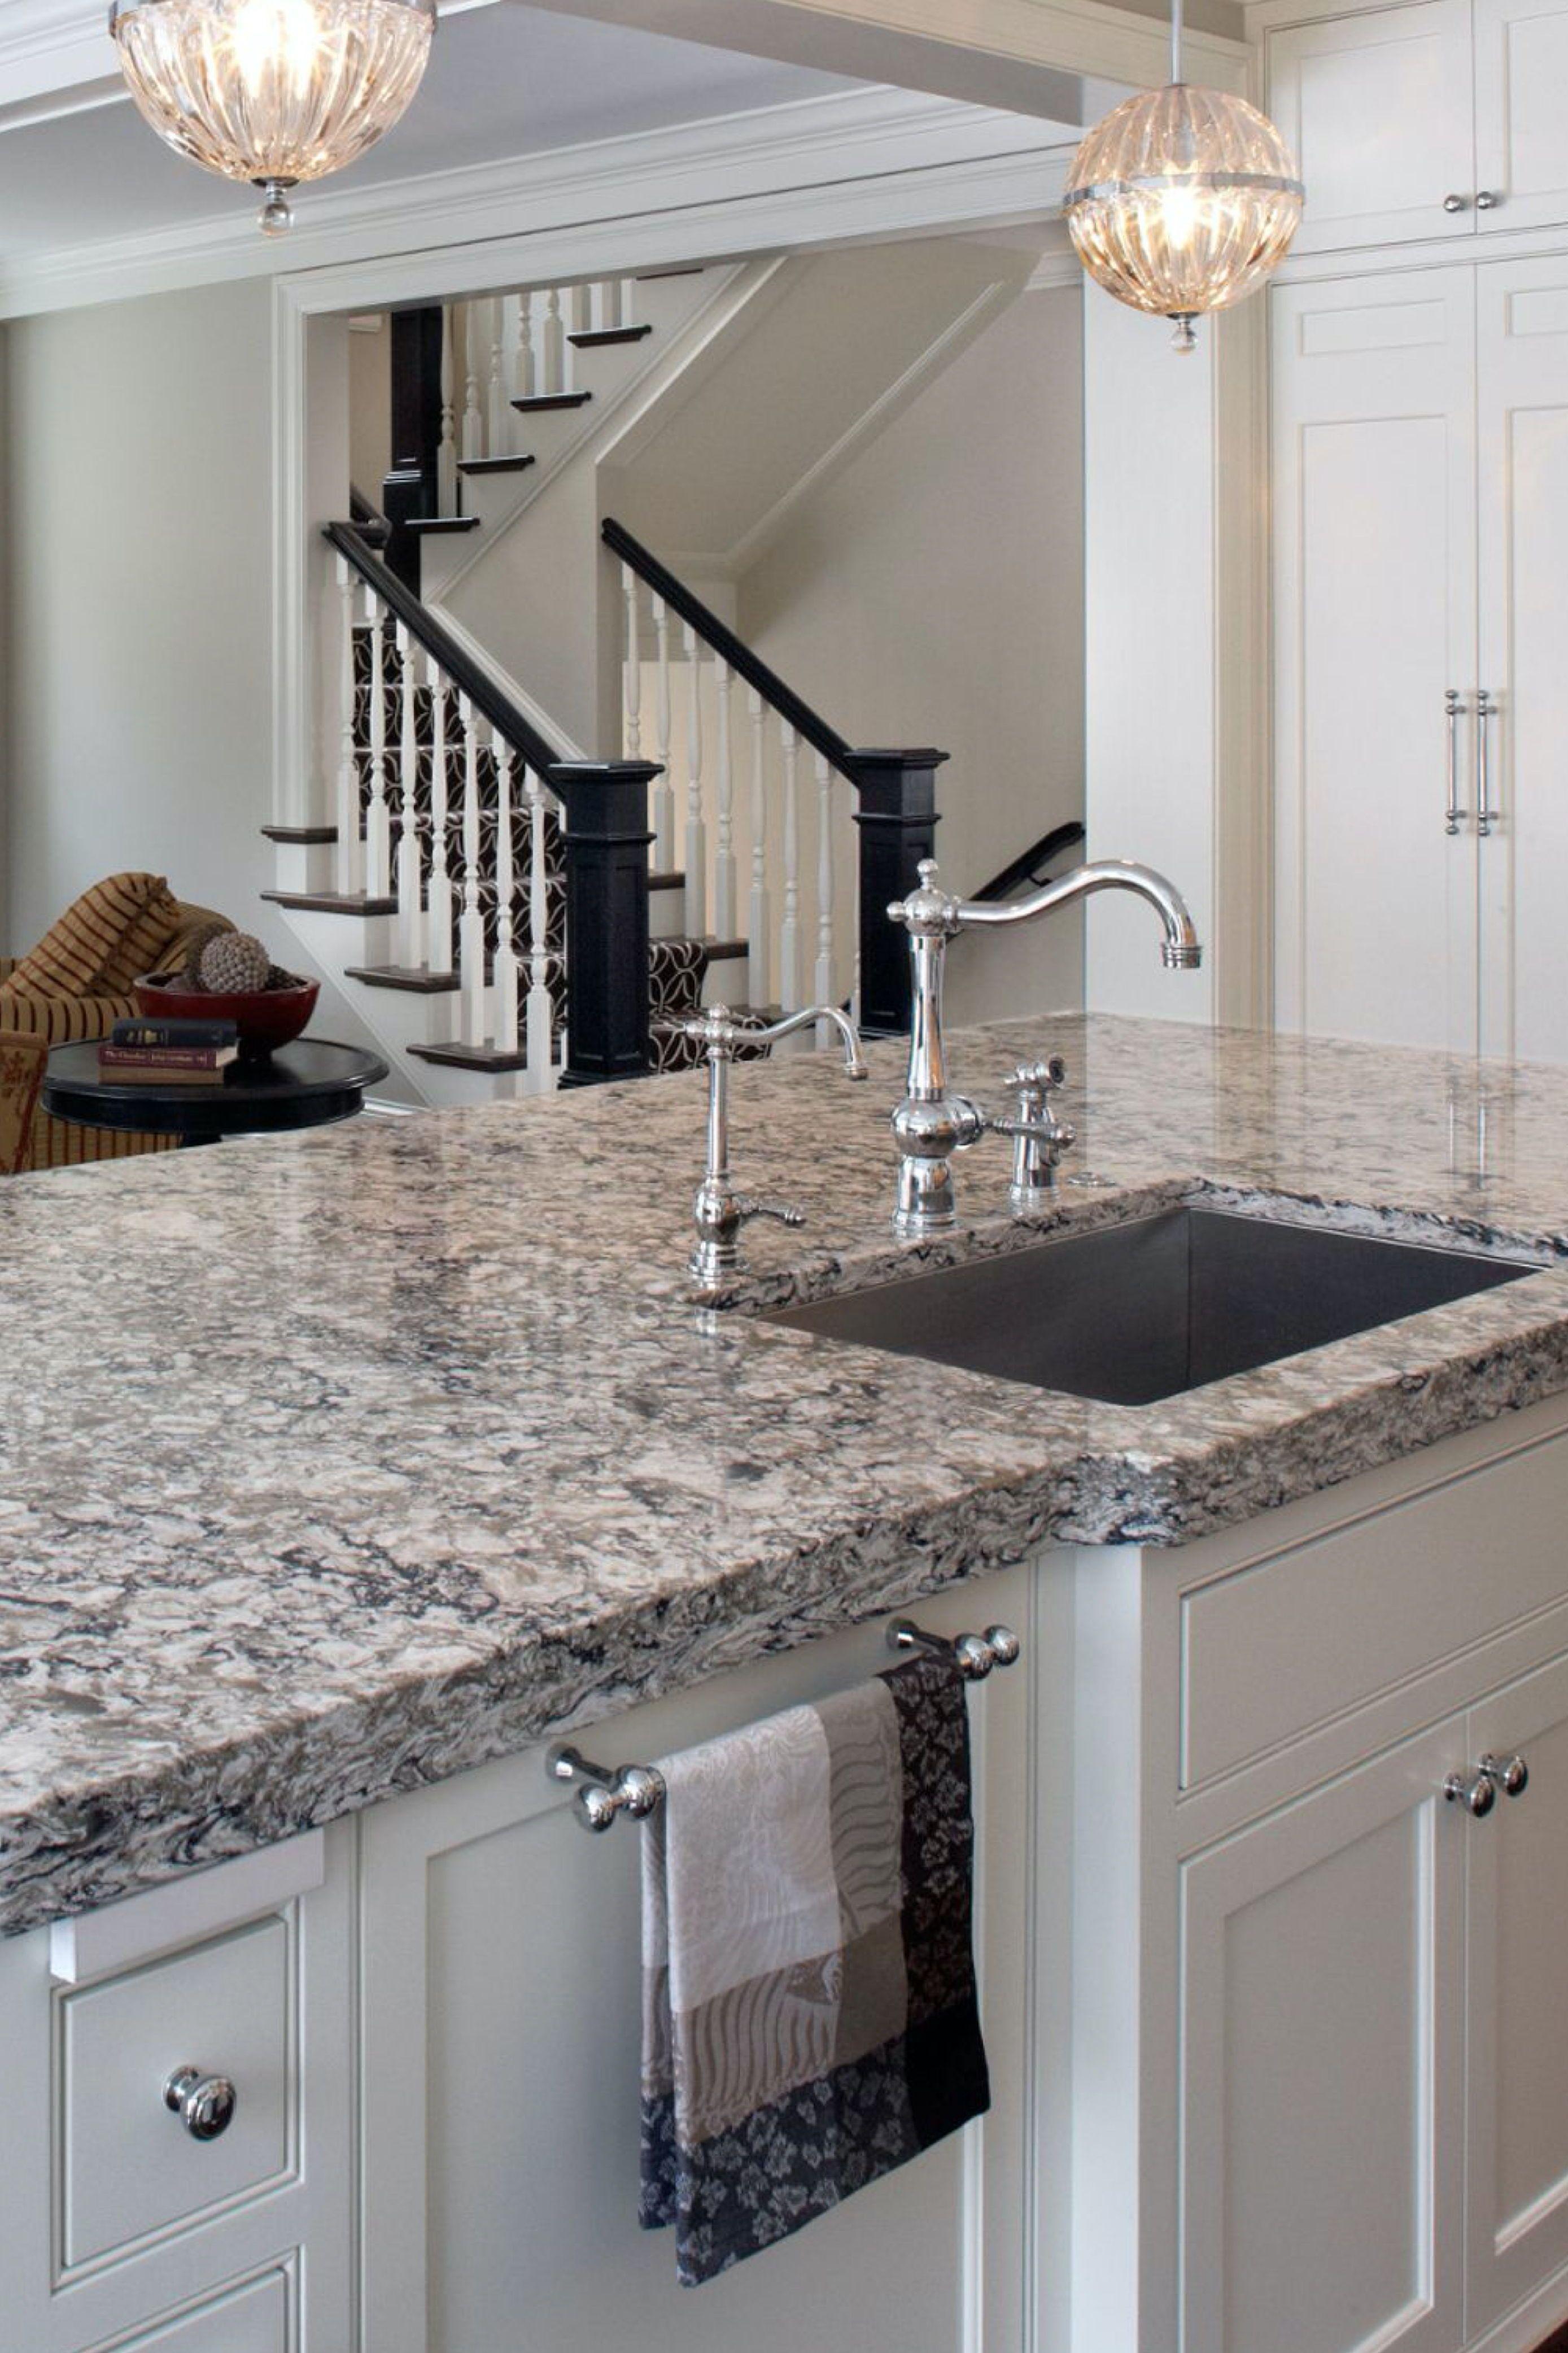 Bellingham Cambria Quartz Countertops Cost Reviews In 2020 Quartz Kitchen Countertops Cambria Quartz Countertops Granite Countertops Kitchen